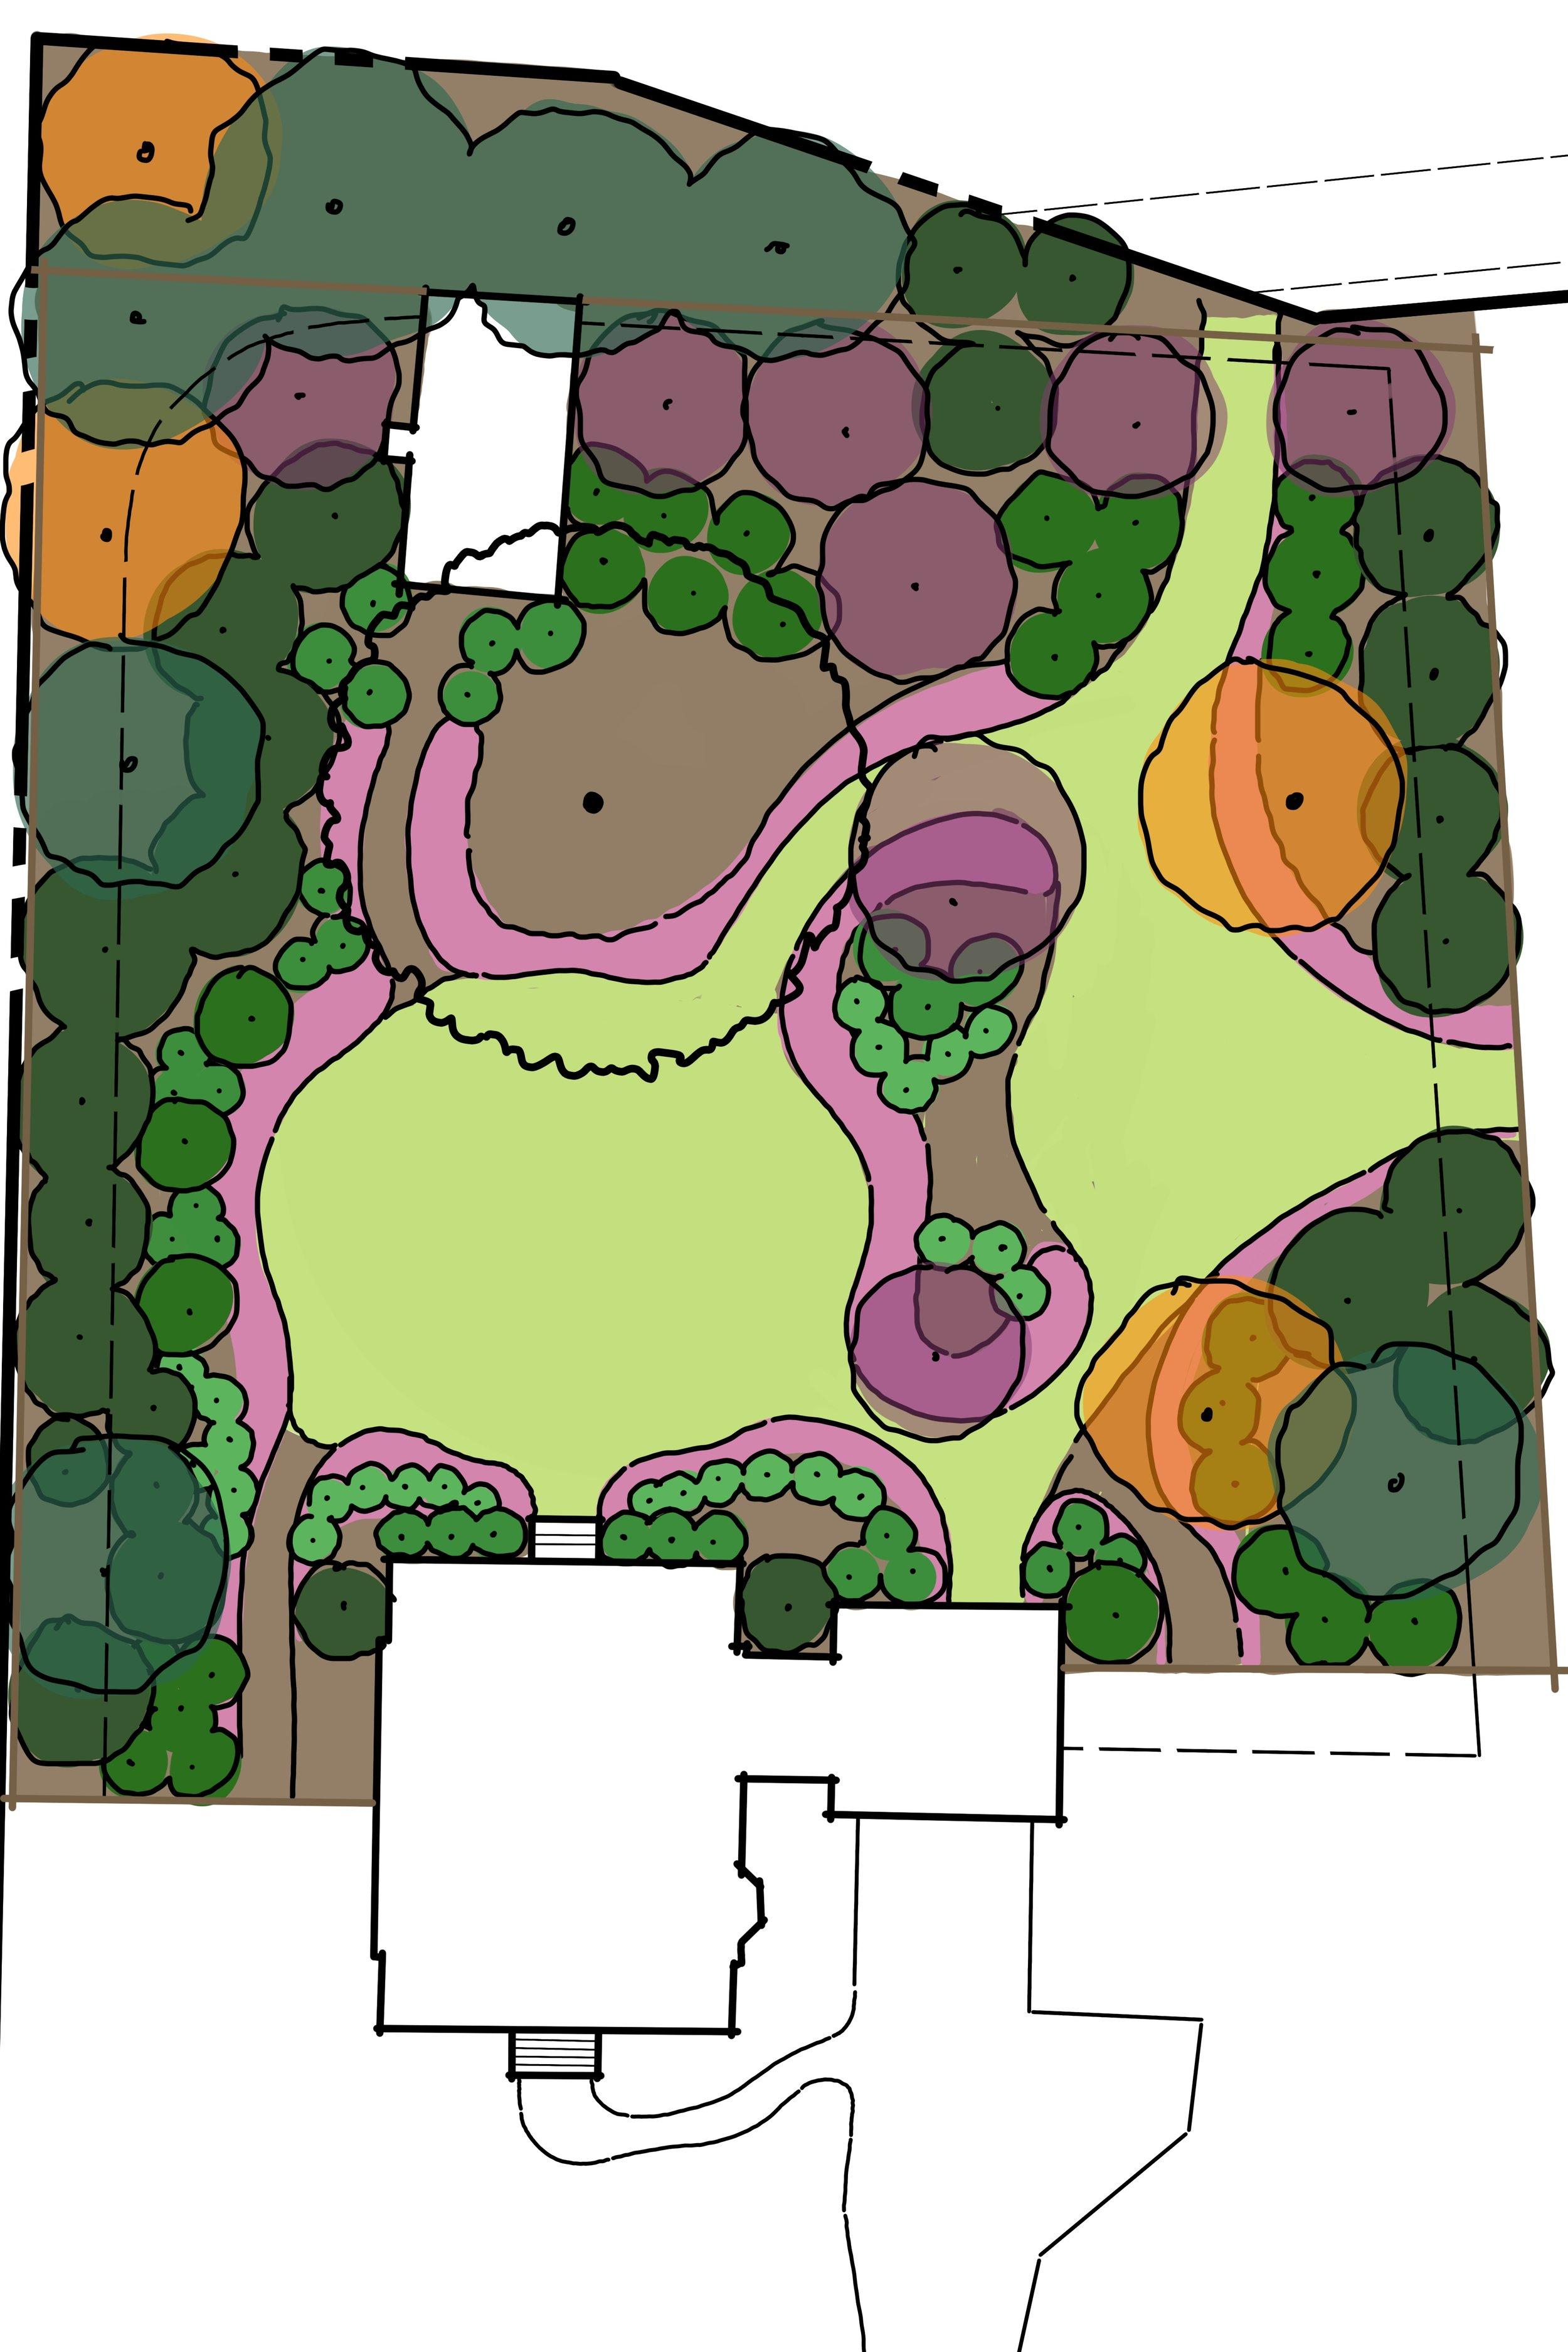 Schoonmaker_Concept_Plants2.jpg